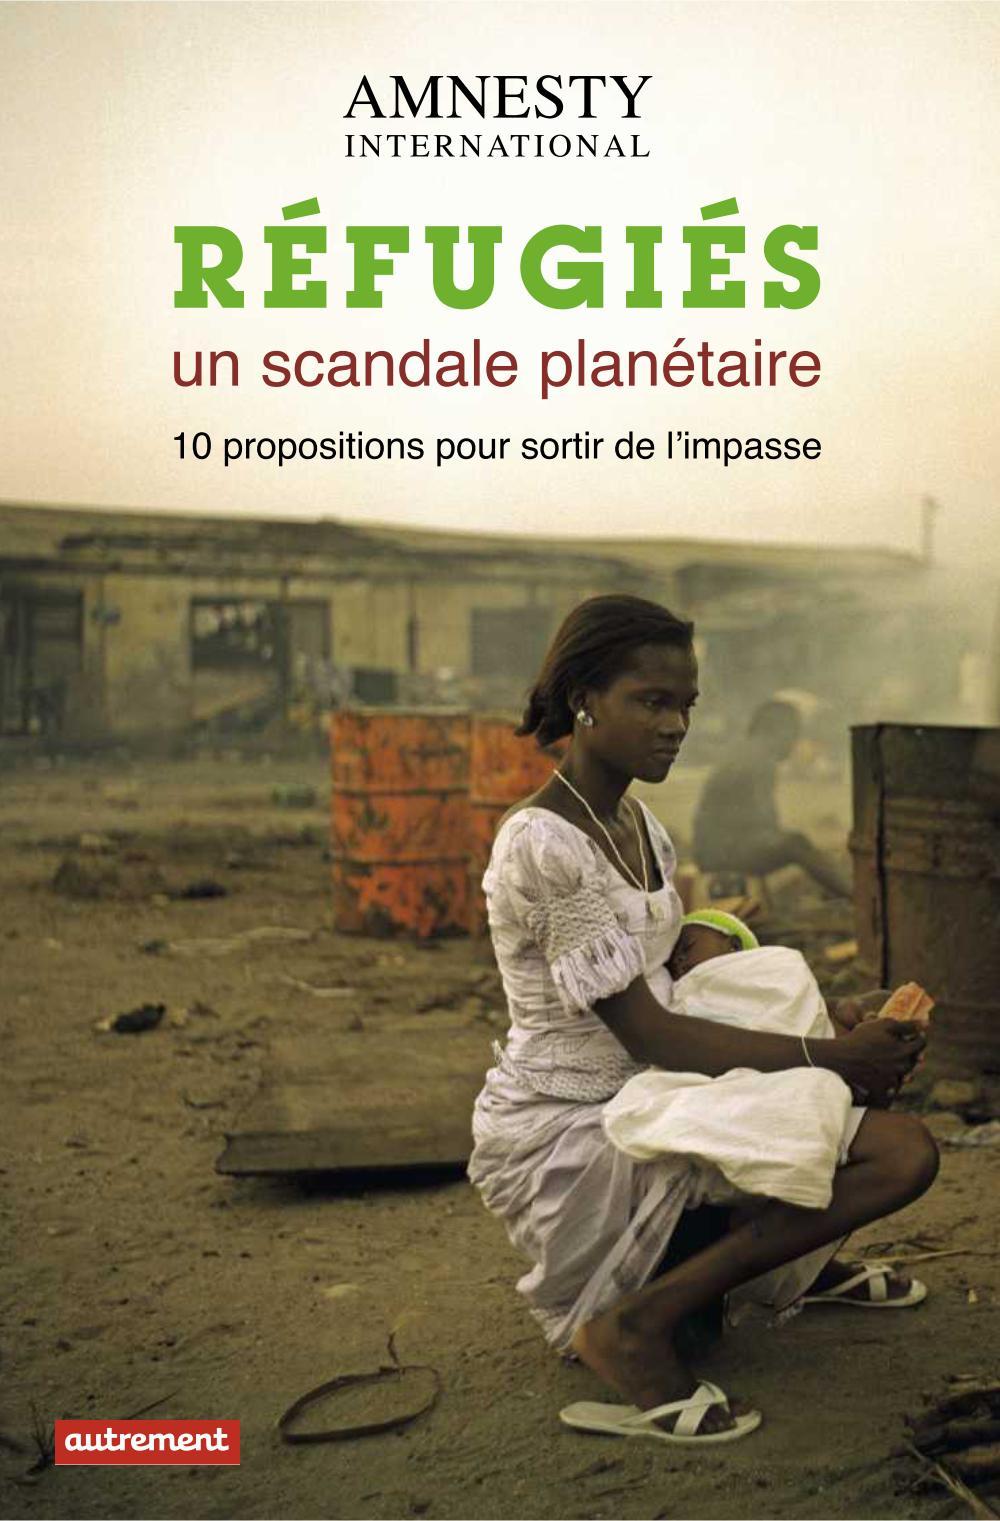 Réfugiés, un scandale planétaire, 10 PROPOSITIONS POUR SORTIR DE L'IMPASSE